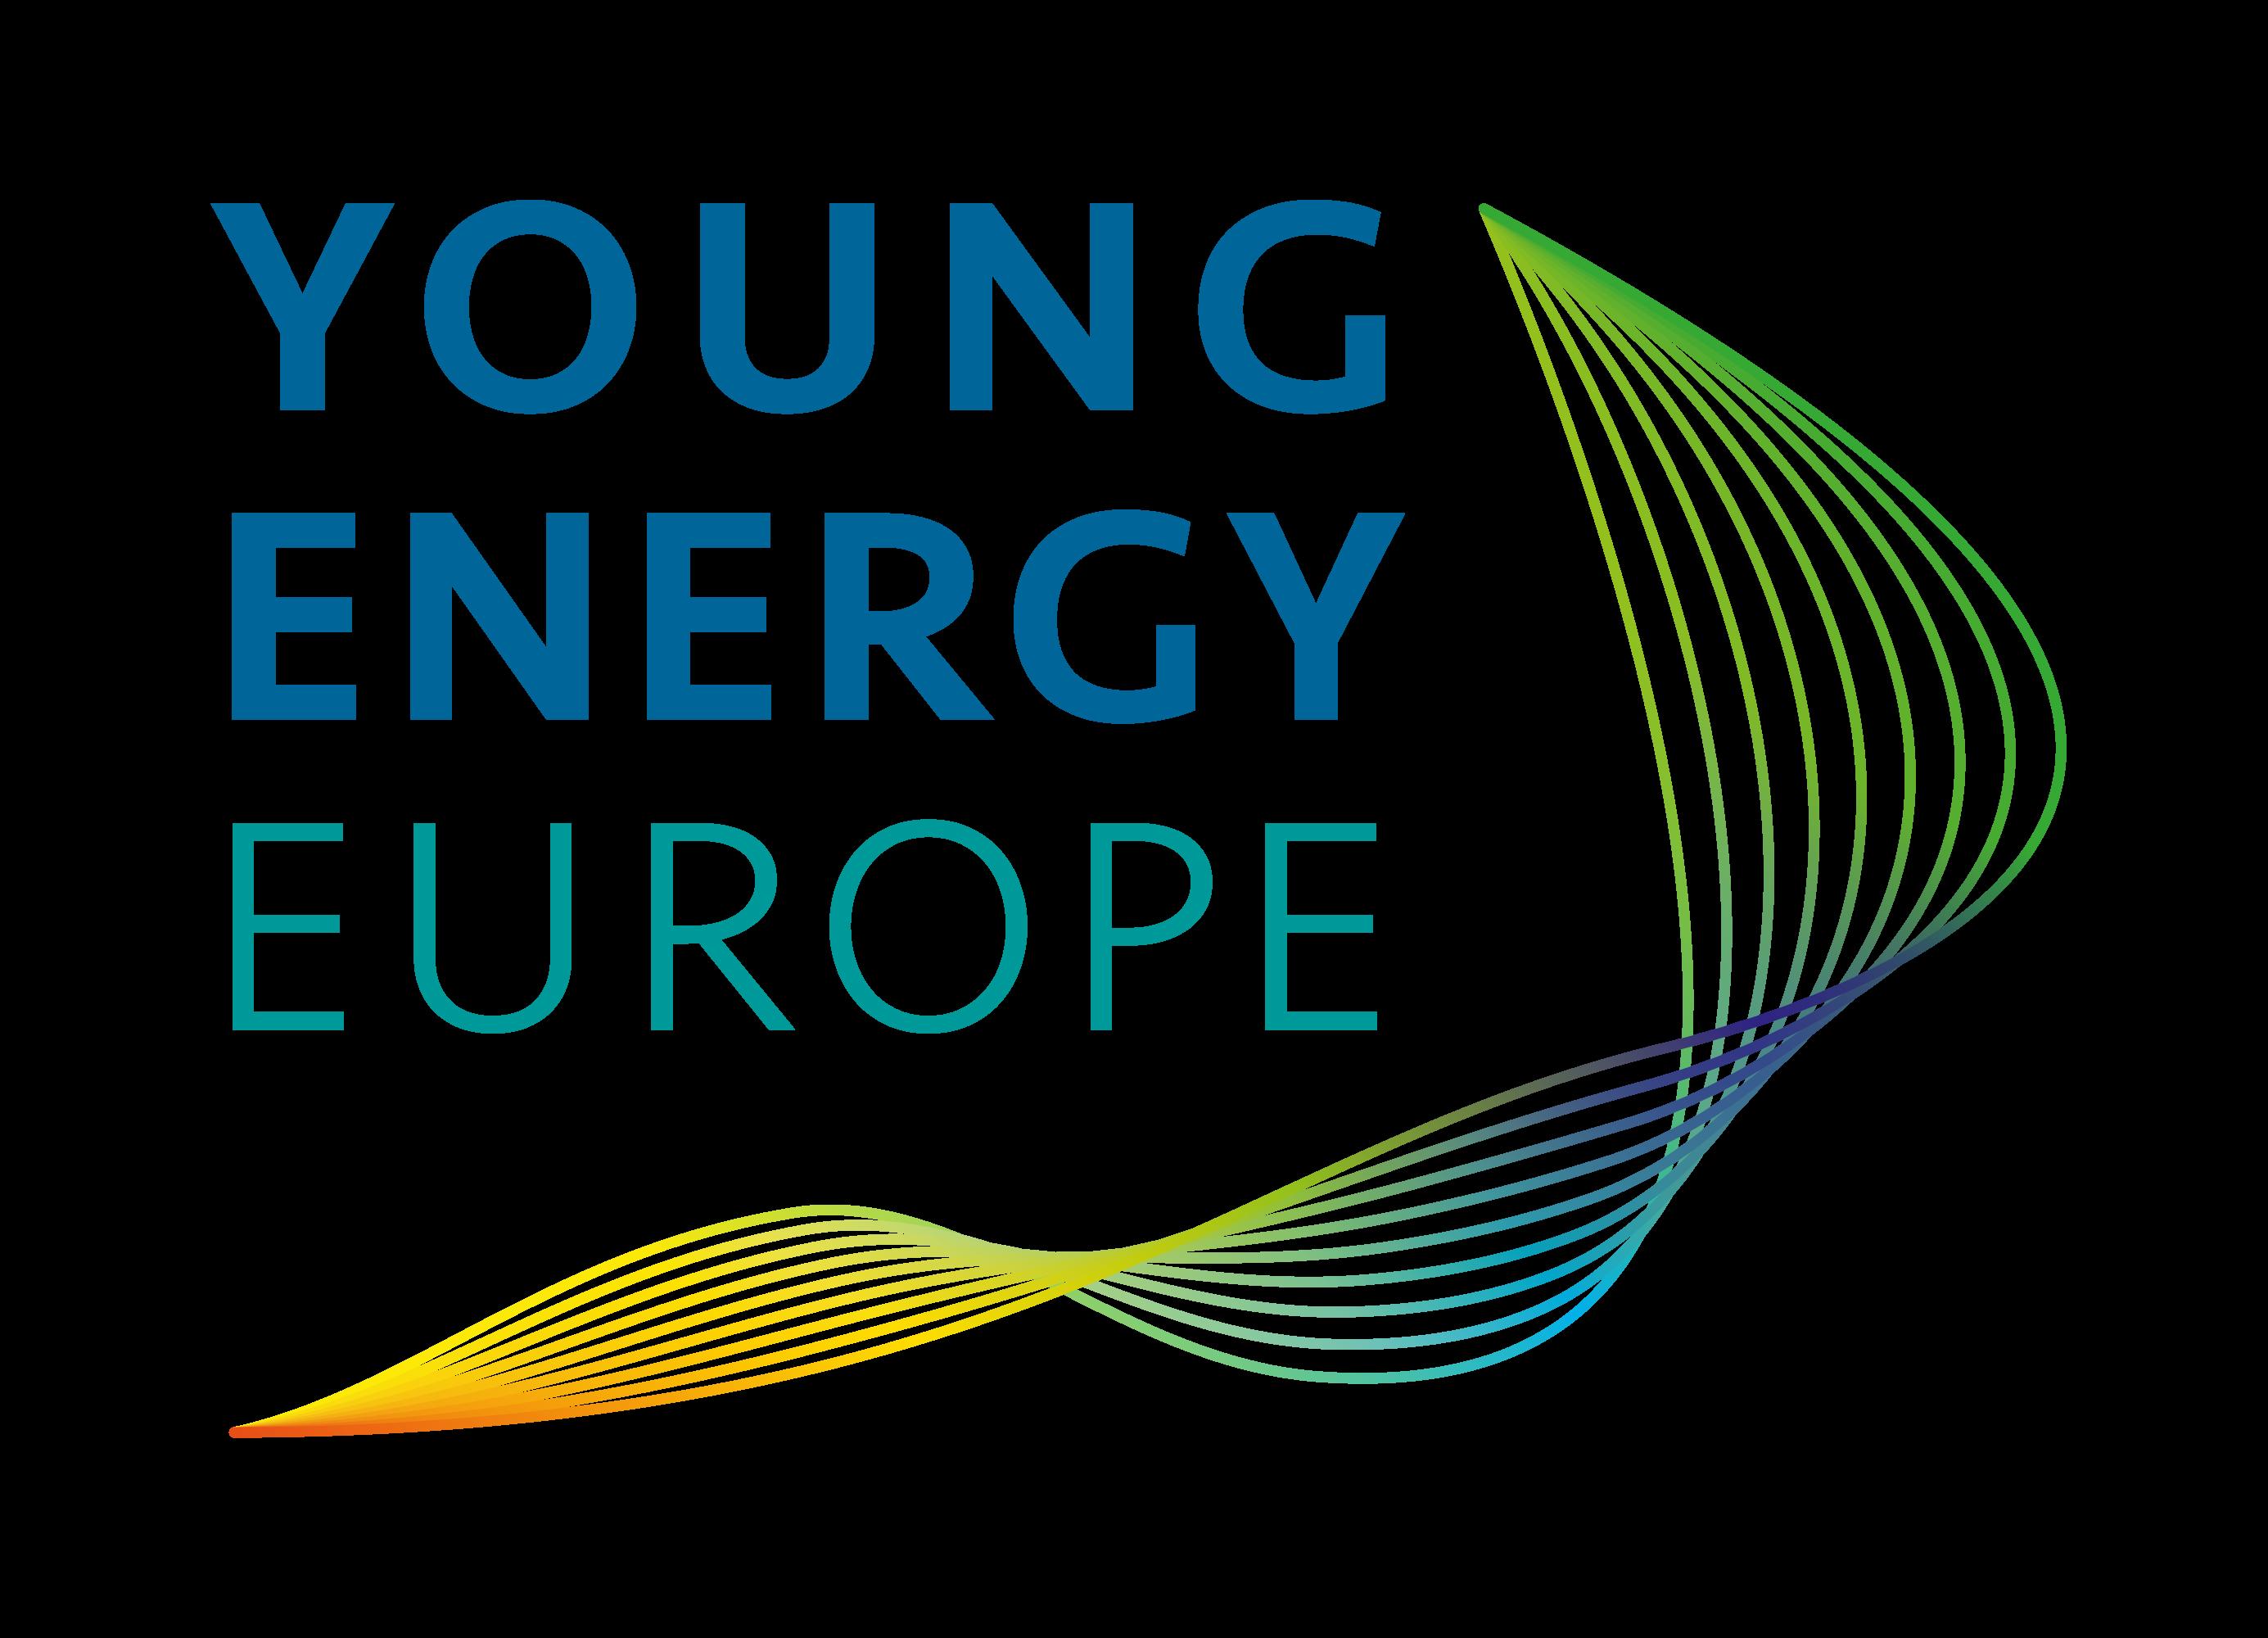 Εκπαιδευτικά σεμινάρια για ενεργειακή εξοικονόμηση από το πρόγραμμα Young Energy Europe